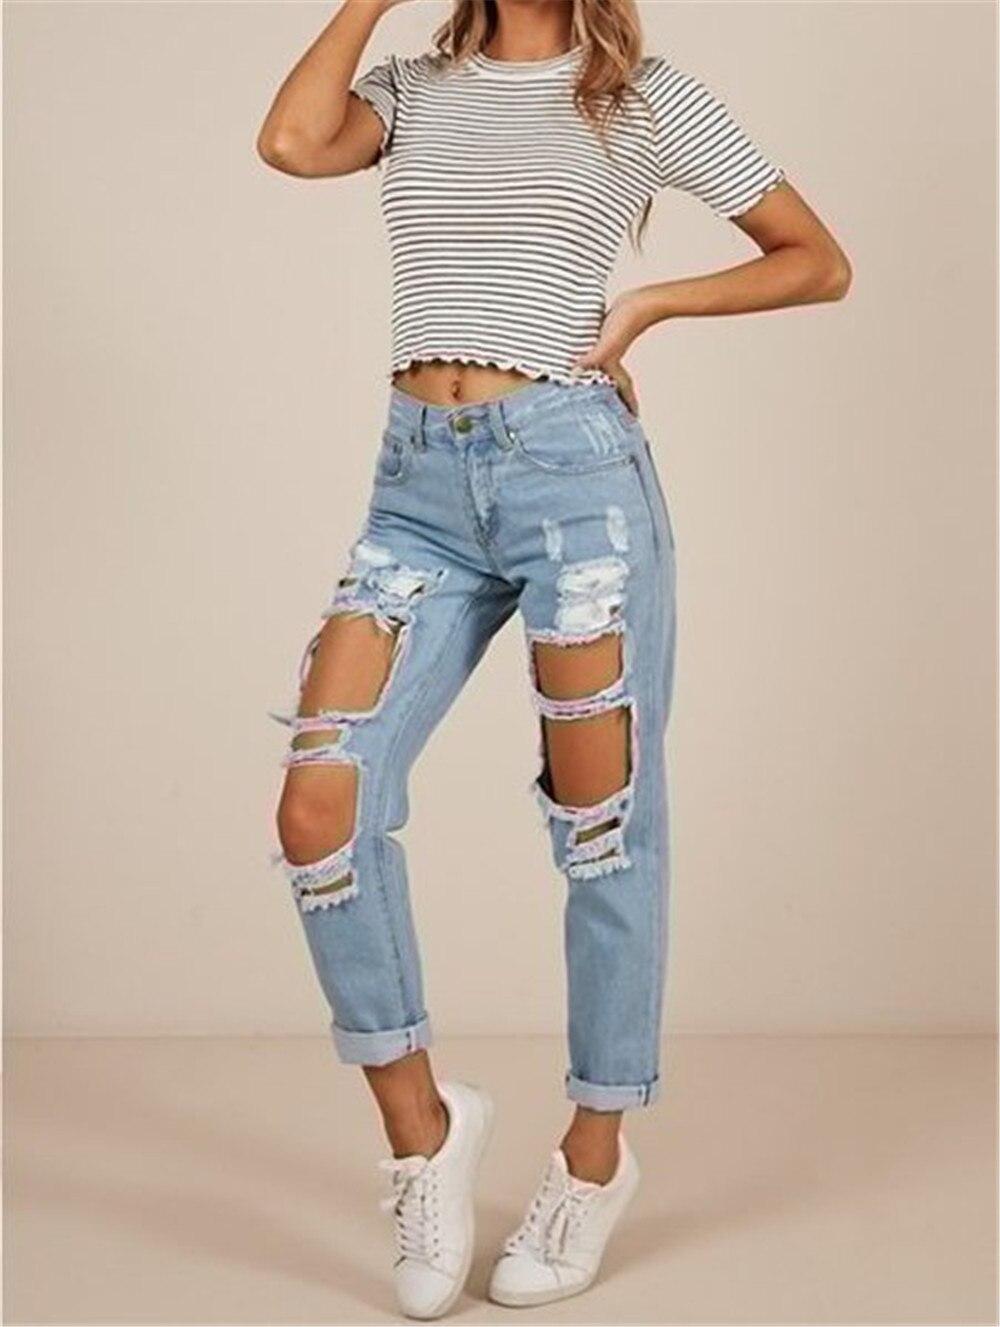 Summer women's jeans mid-waist women'sjeans casual women's jeans ripped jeans slim fashion women's trousers cuffed women's jeans